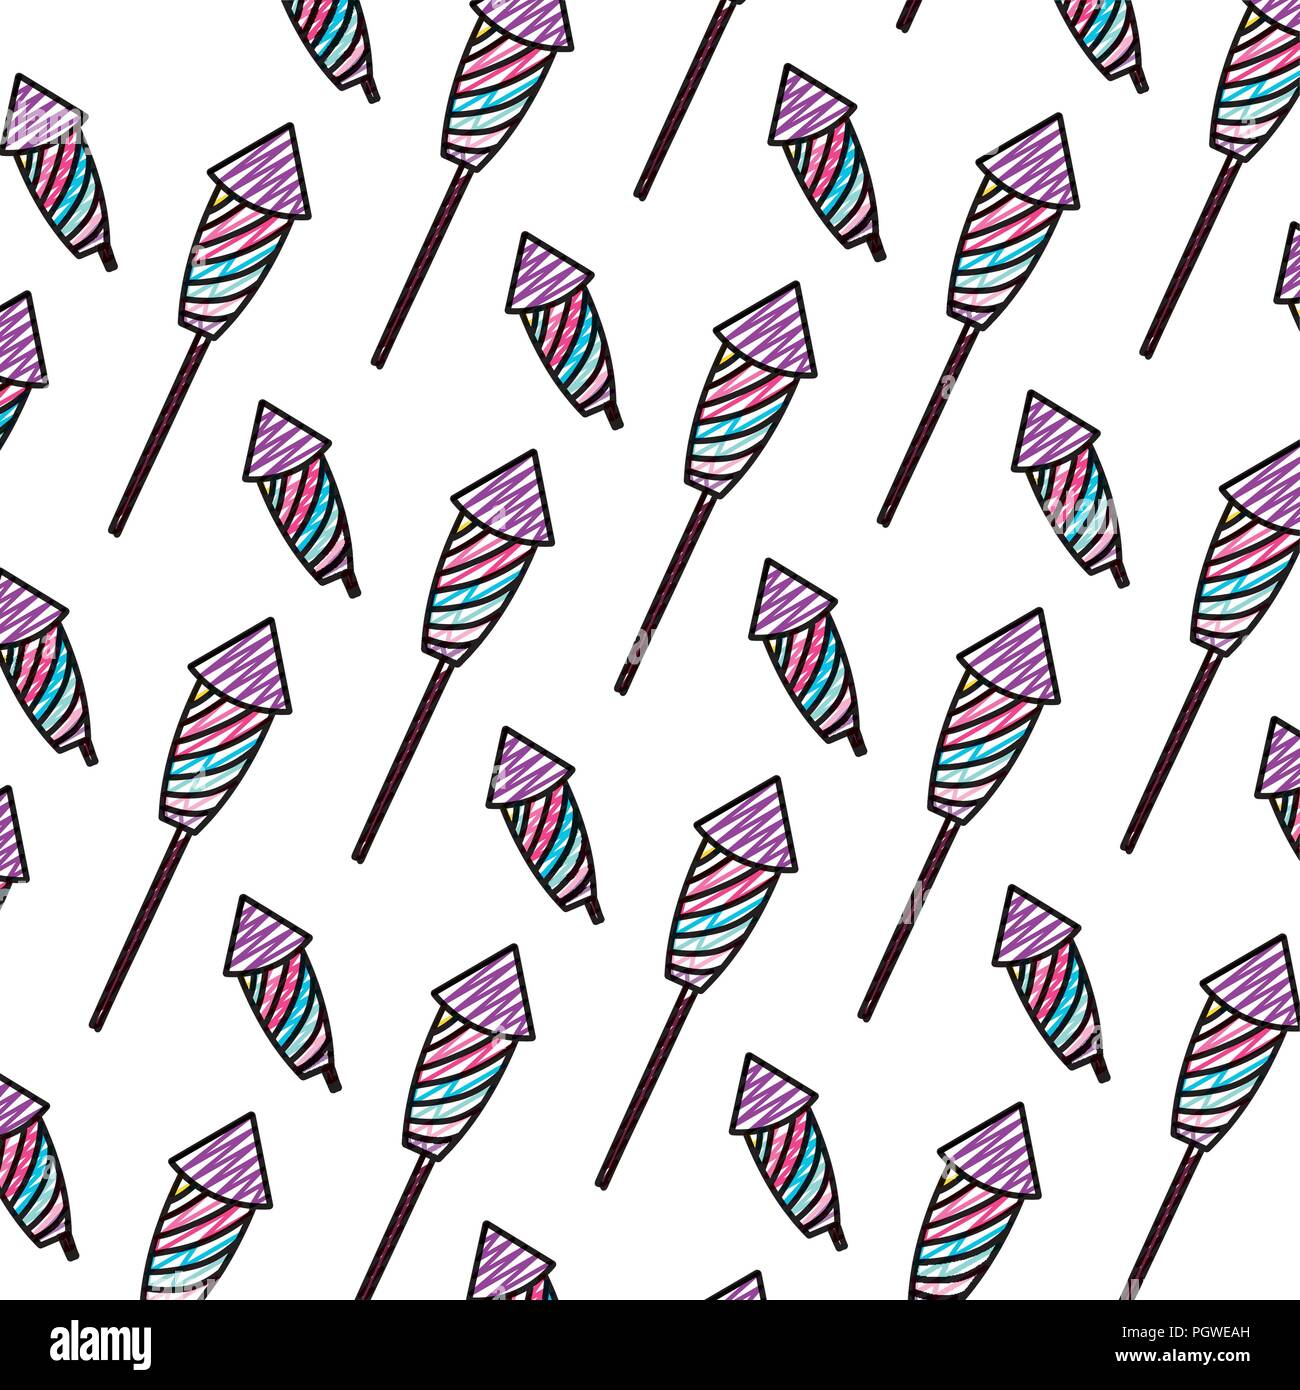 doodle firework object to celebration holiday background - Stock Image